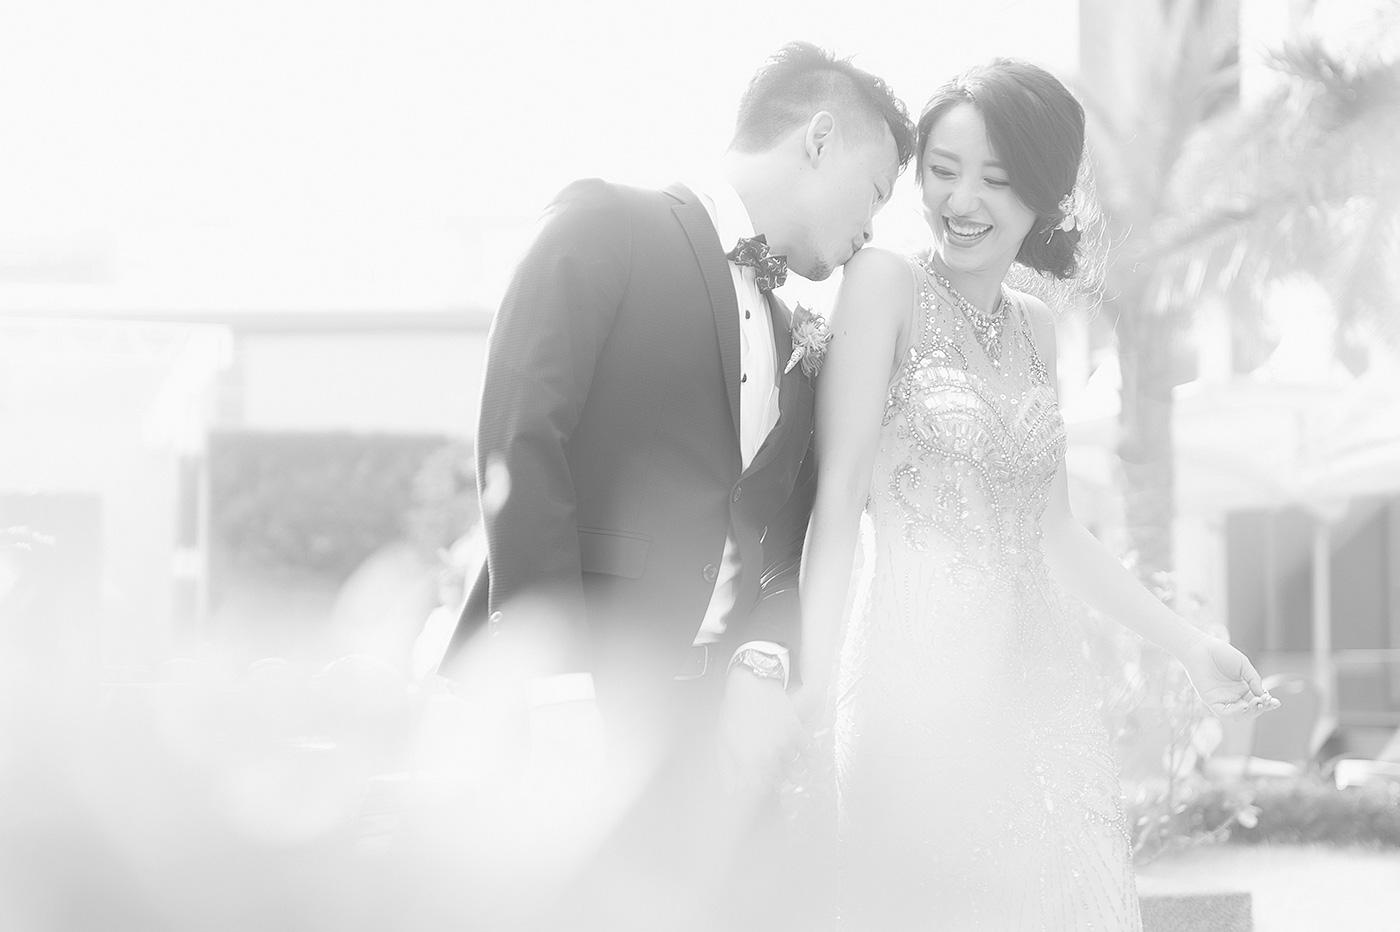 nickchang_wedding_finart-39